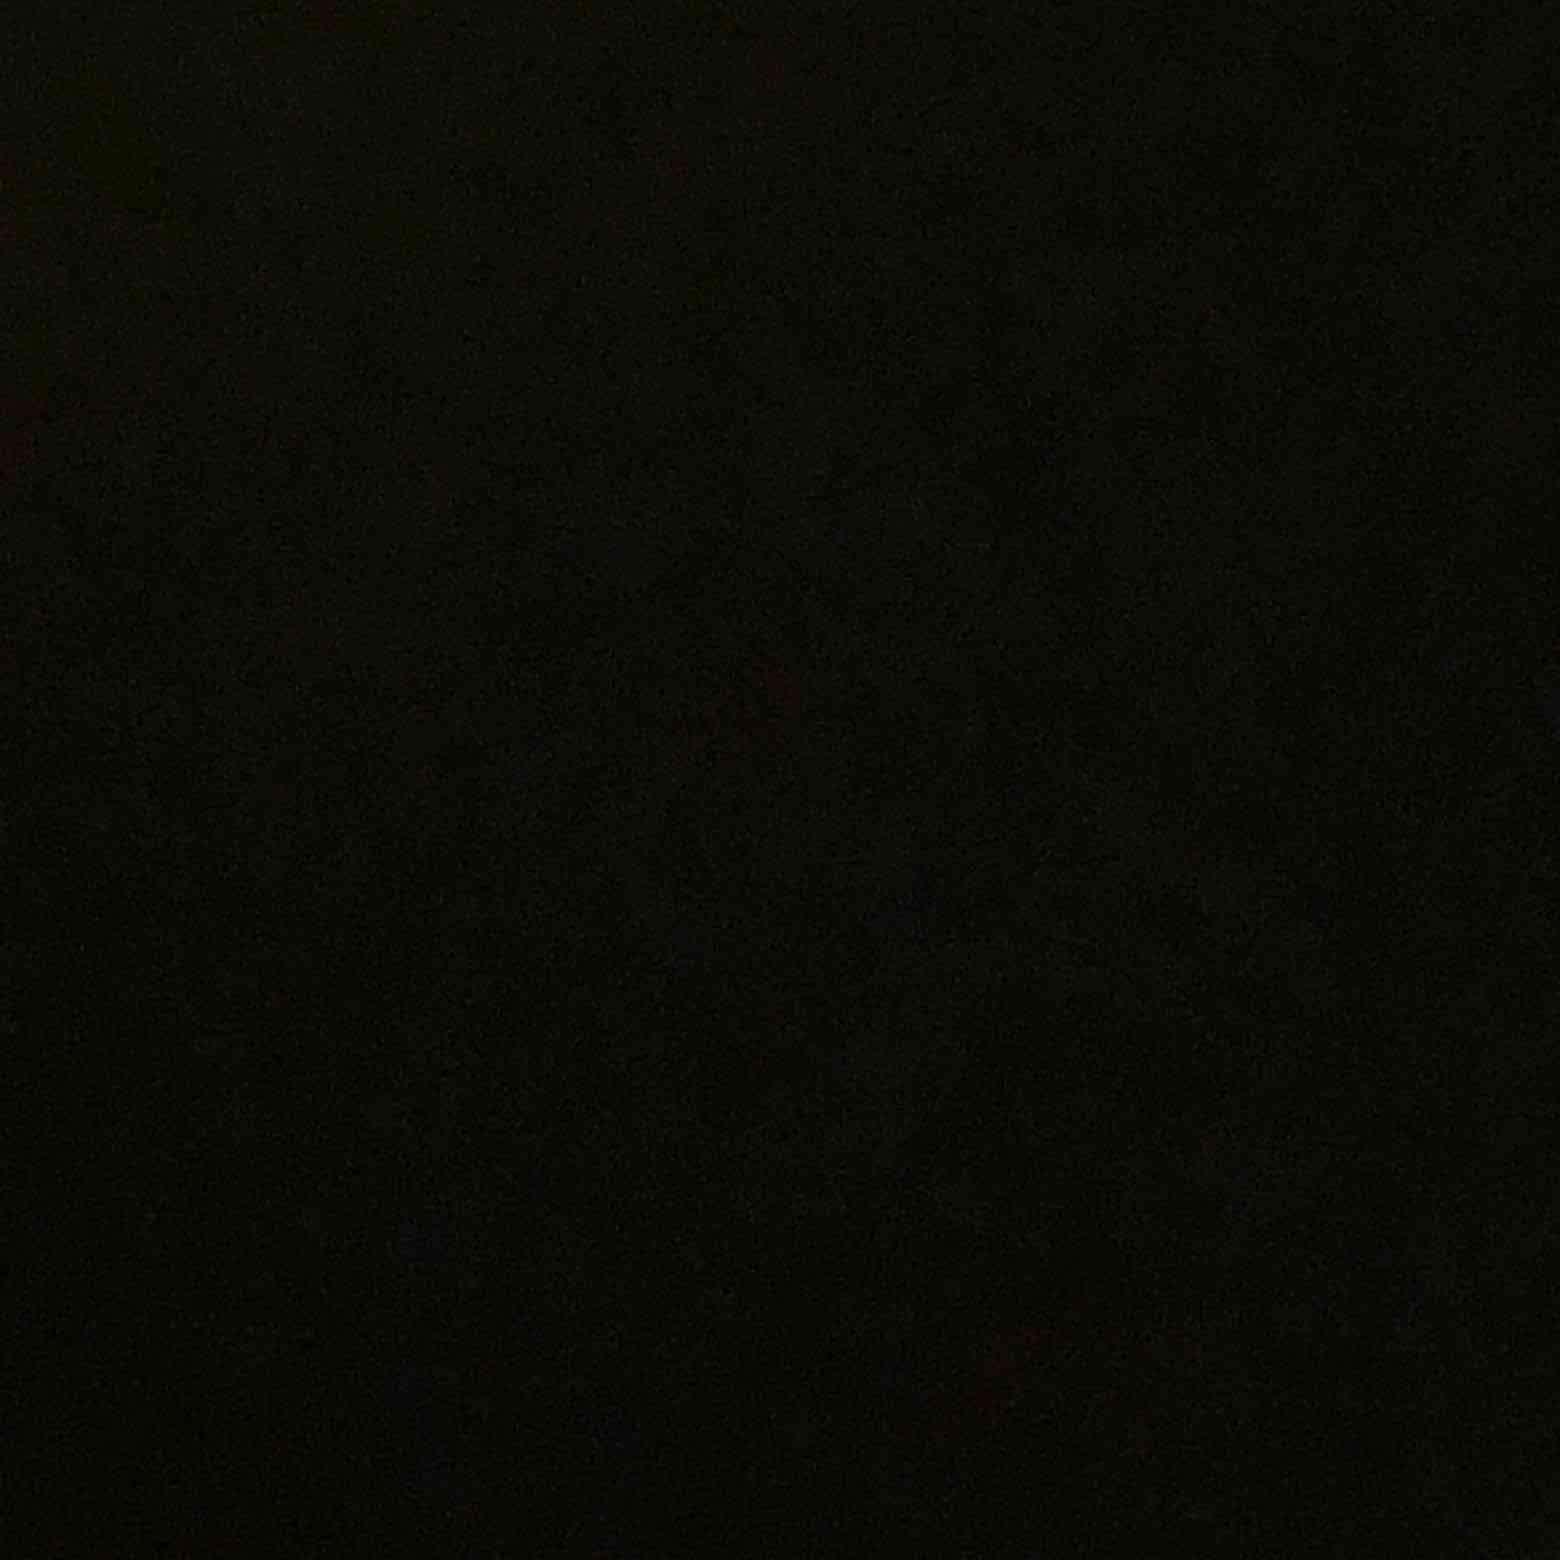 (無音)阿弥陀釈迦如来のプロフィール画像